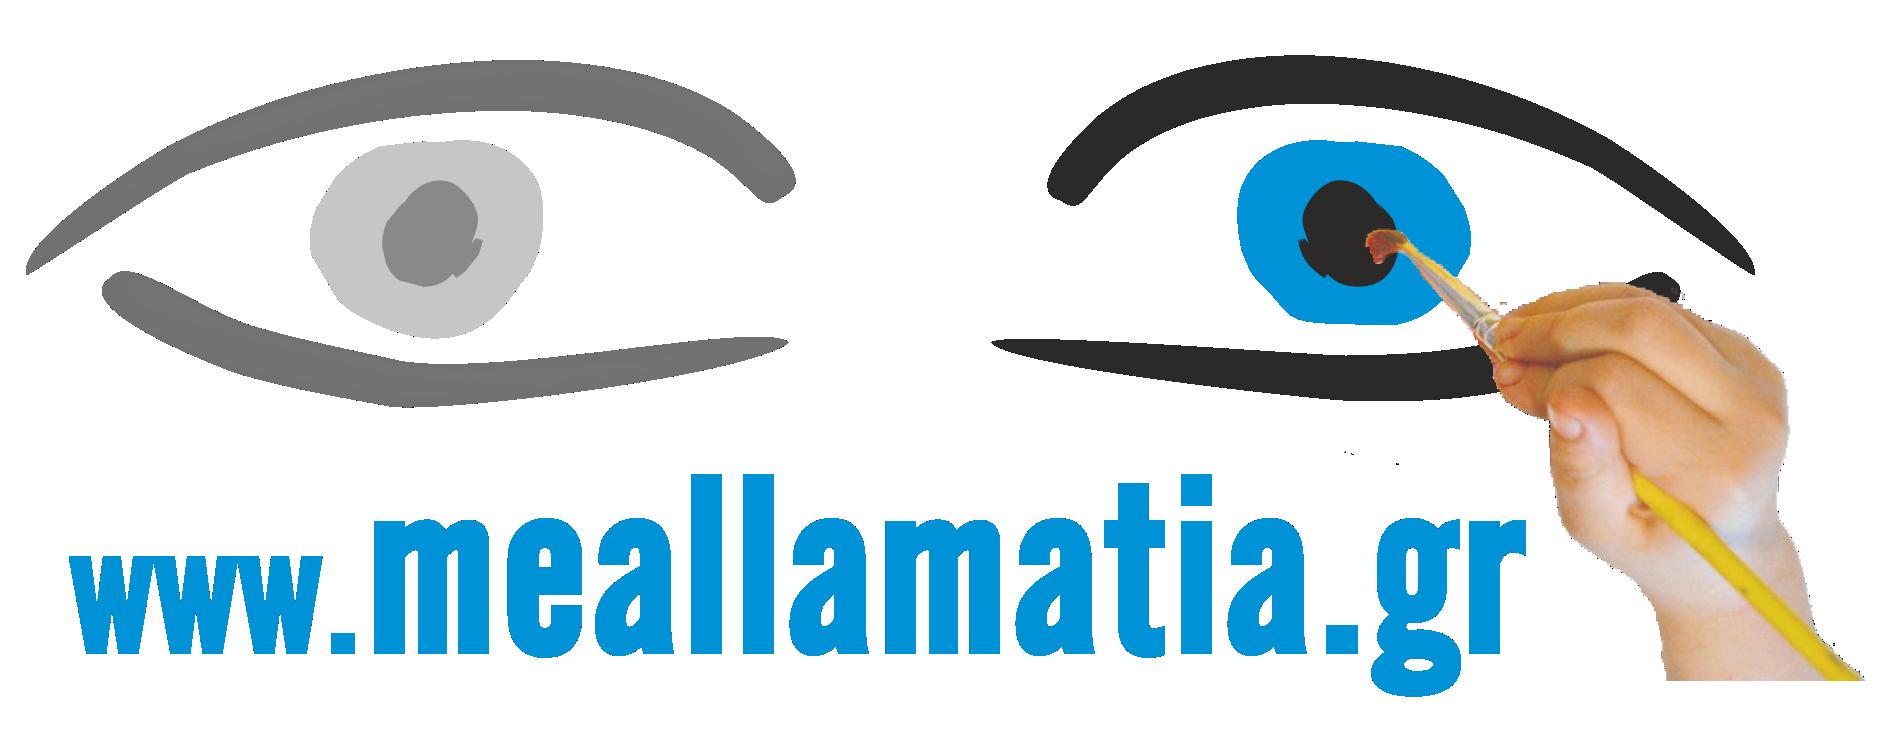 Λογότυπο της οργάνωσης Με άλλα μάτια. Η εικόνα λειτουργεί επίσης και σαν σύνδεσμος